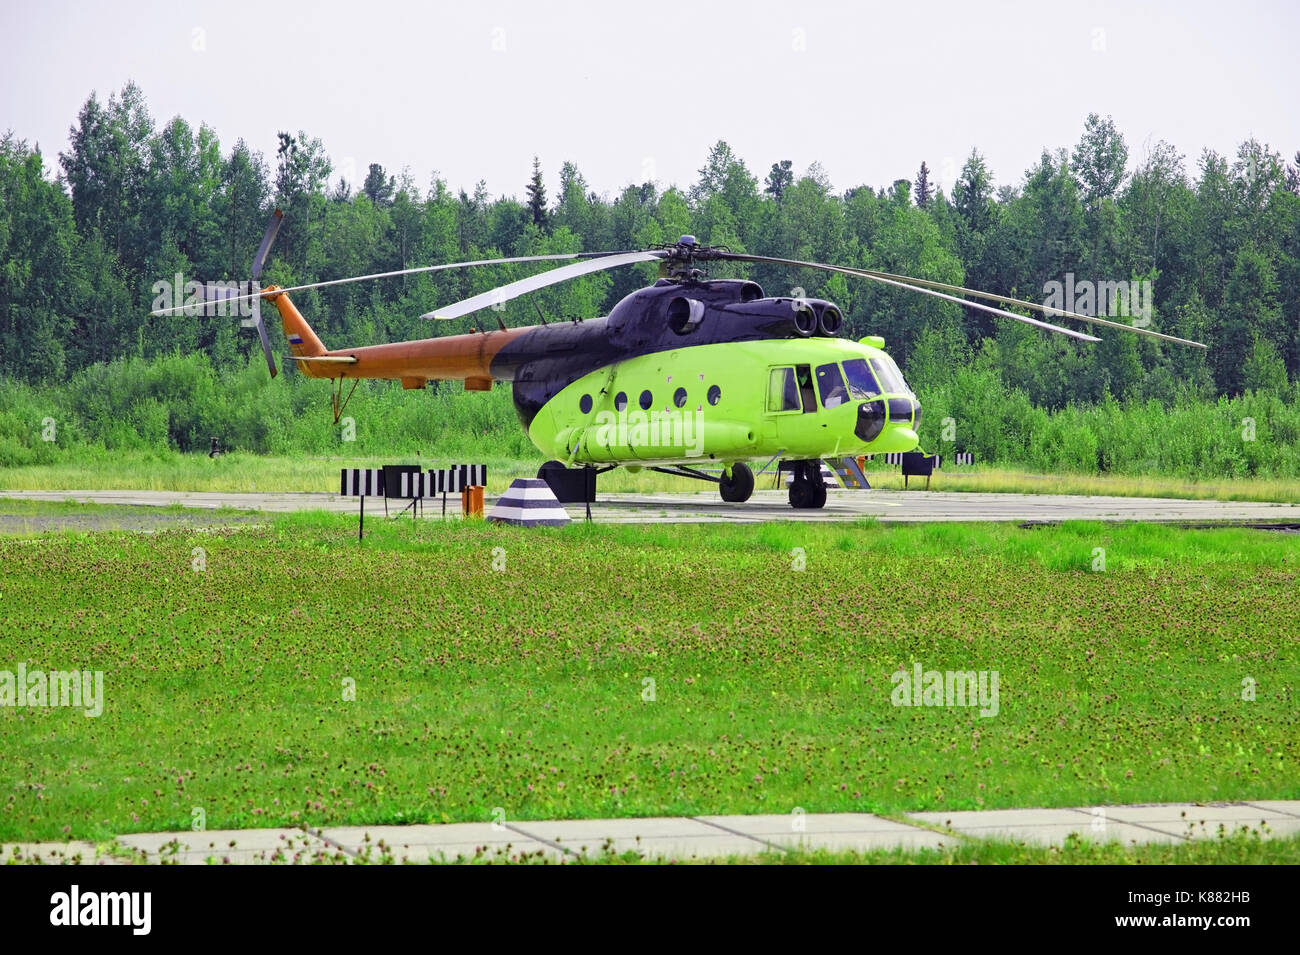 Elicottero 8 : Laser pegs costruzioni luminose in elicottero di